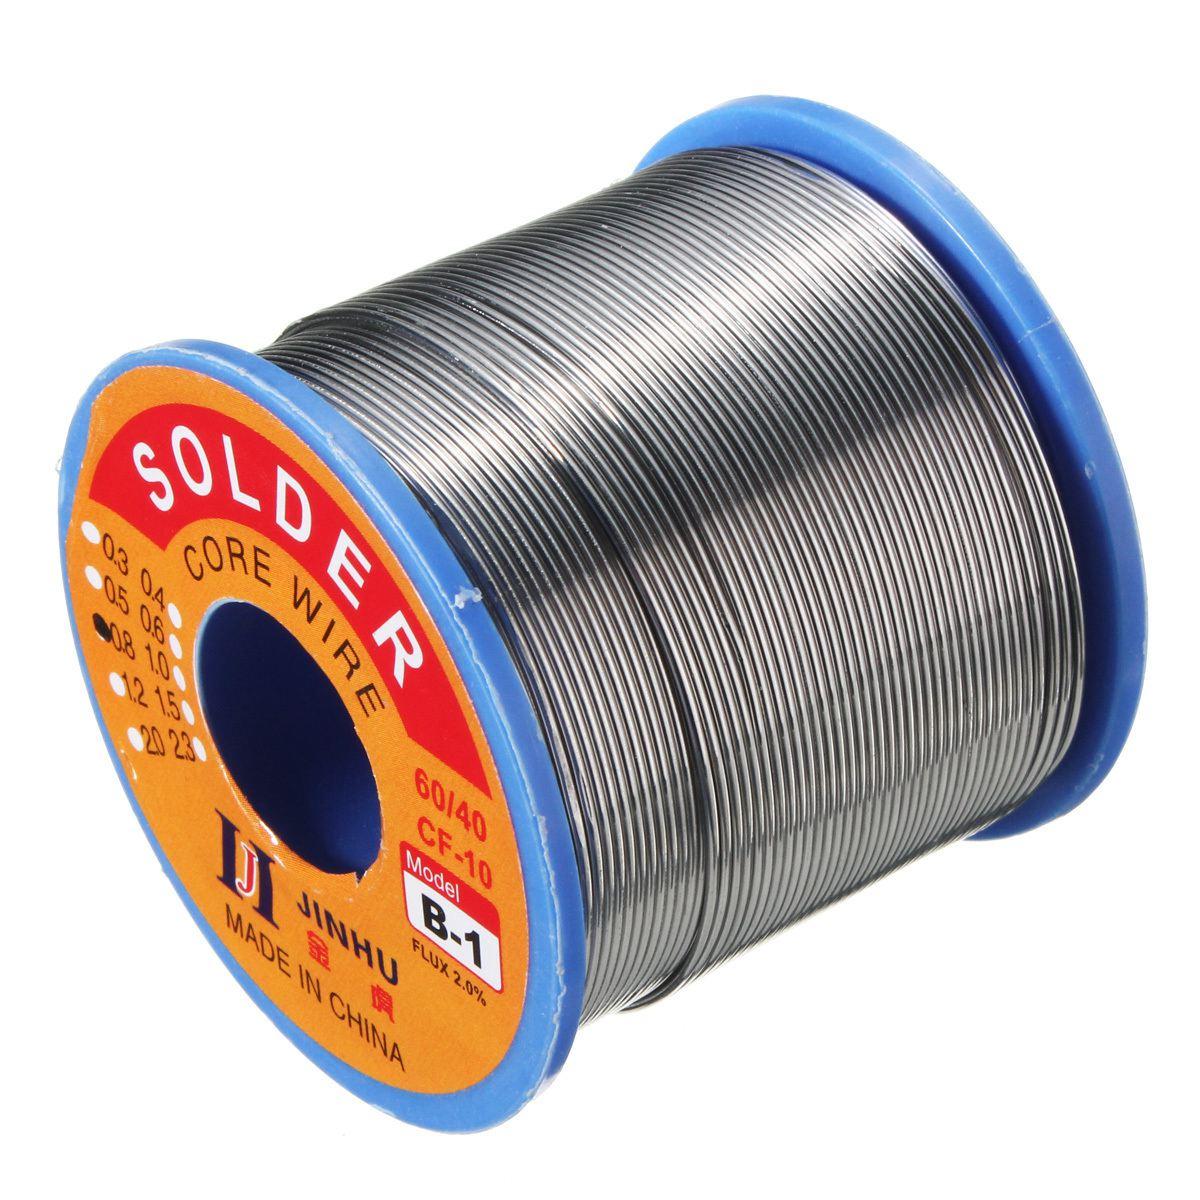 0,5/0,7/1mm 60/40 flujo 2.0% de 500g de soldadura de plomo Alambre de derretir colofonia núcleo de soldadura de alambre de rollo